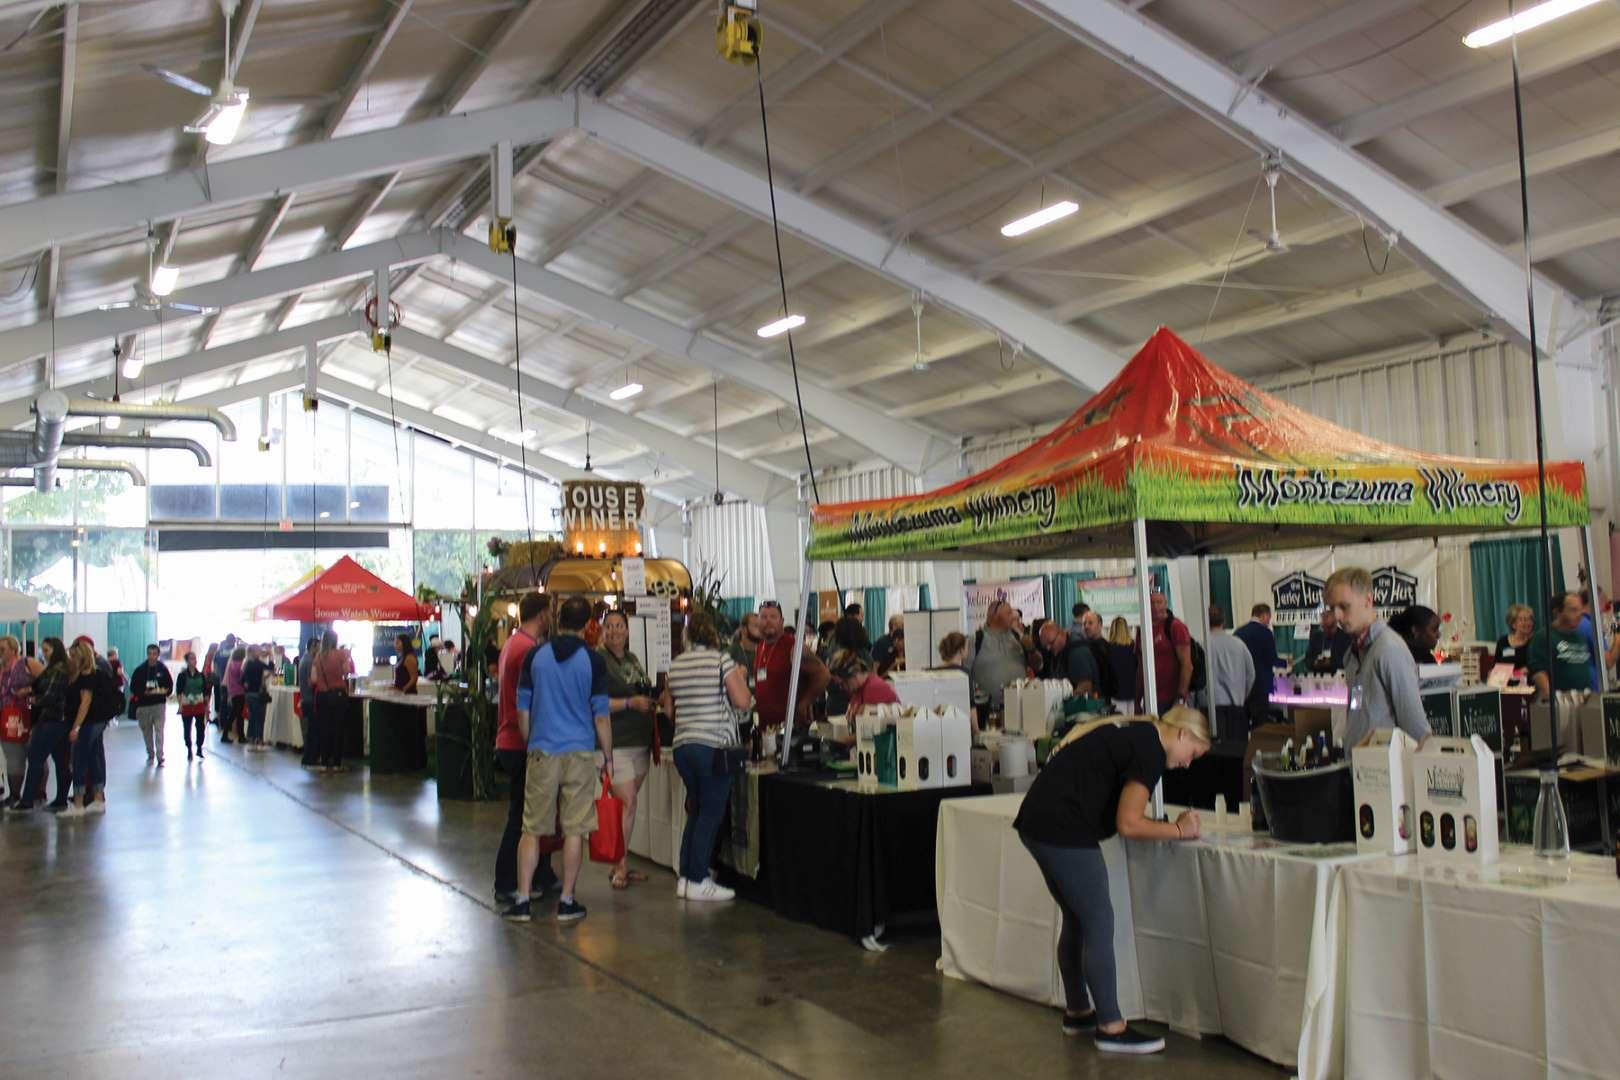 Hudson Valley Wine Fest